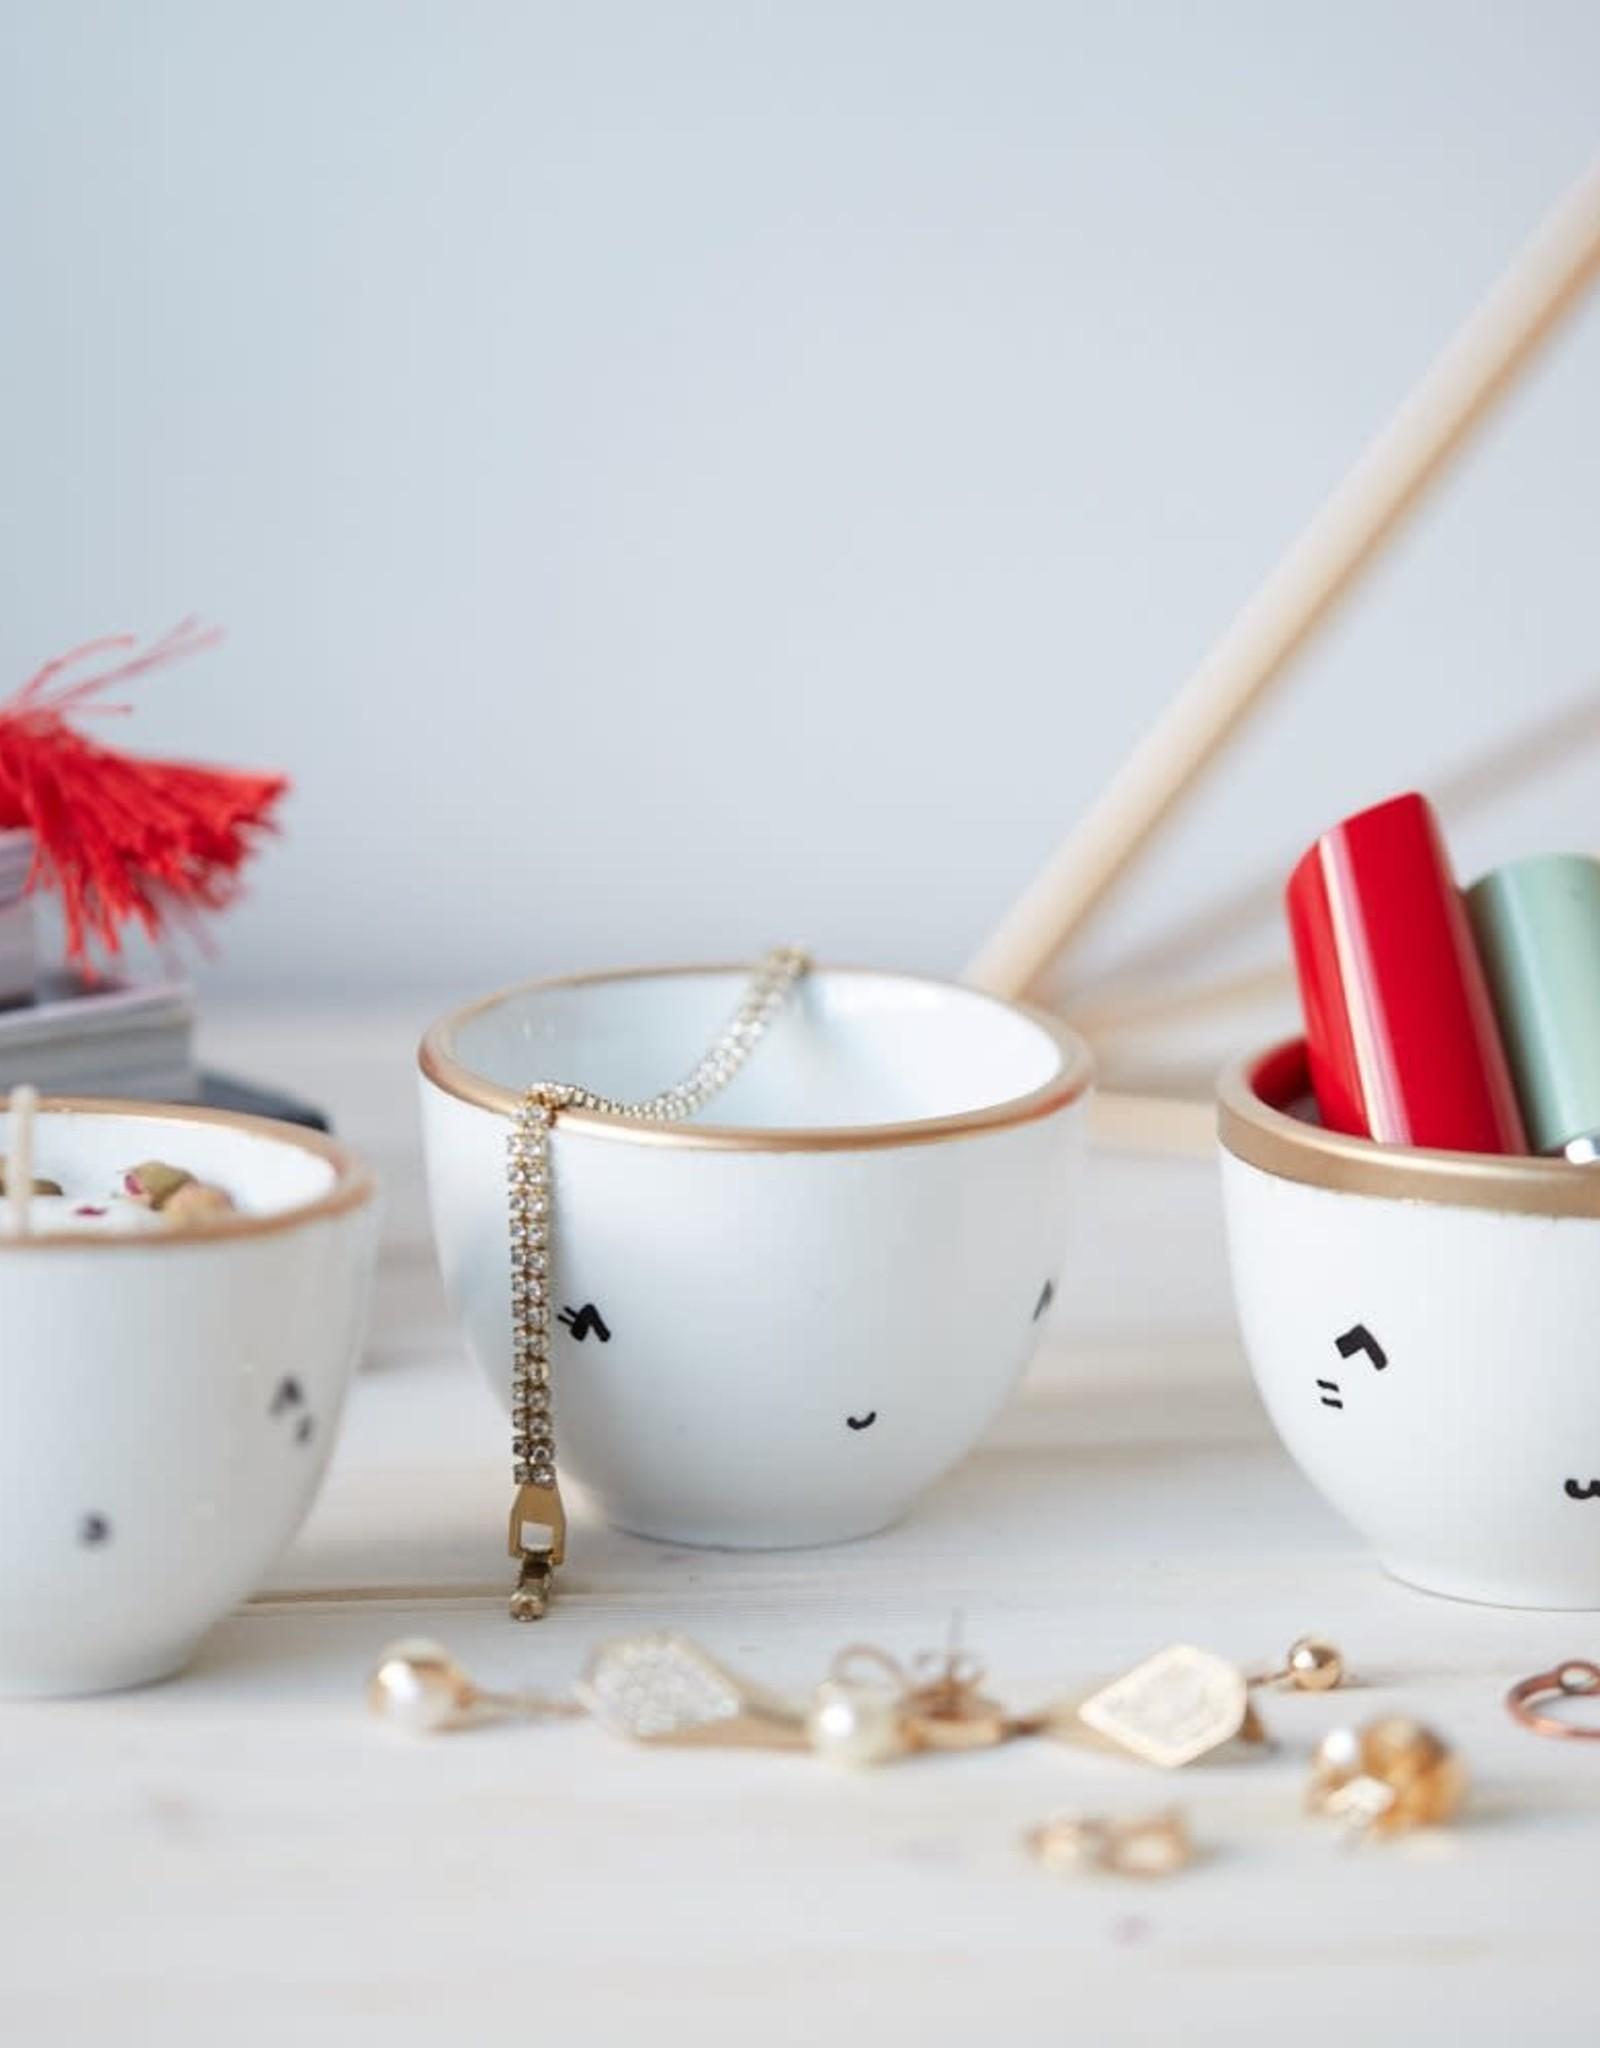 Serif & Glyph Petite tasse - MOMO chat joyeux